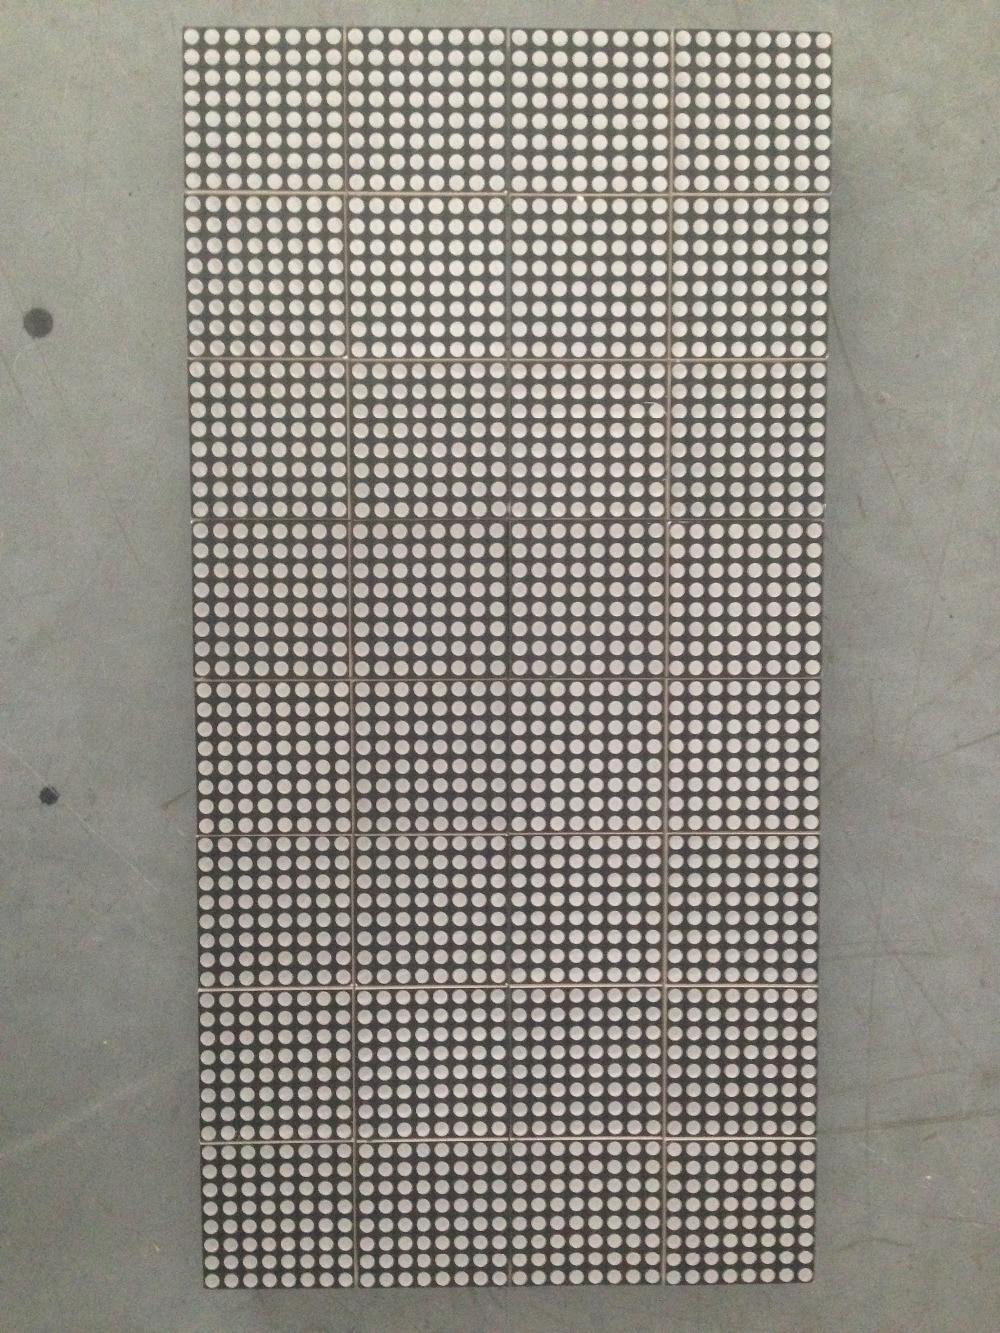 wholesales 3.0  lattice double color module, 1R1G,16scanwholesales 3.0  lattice double color module, 1R1G,16scan